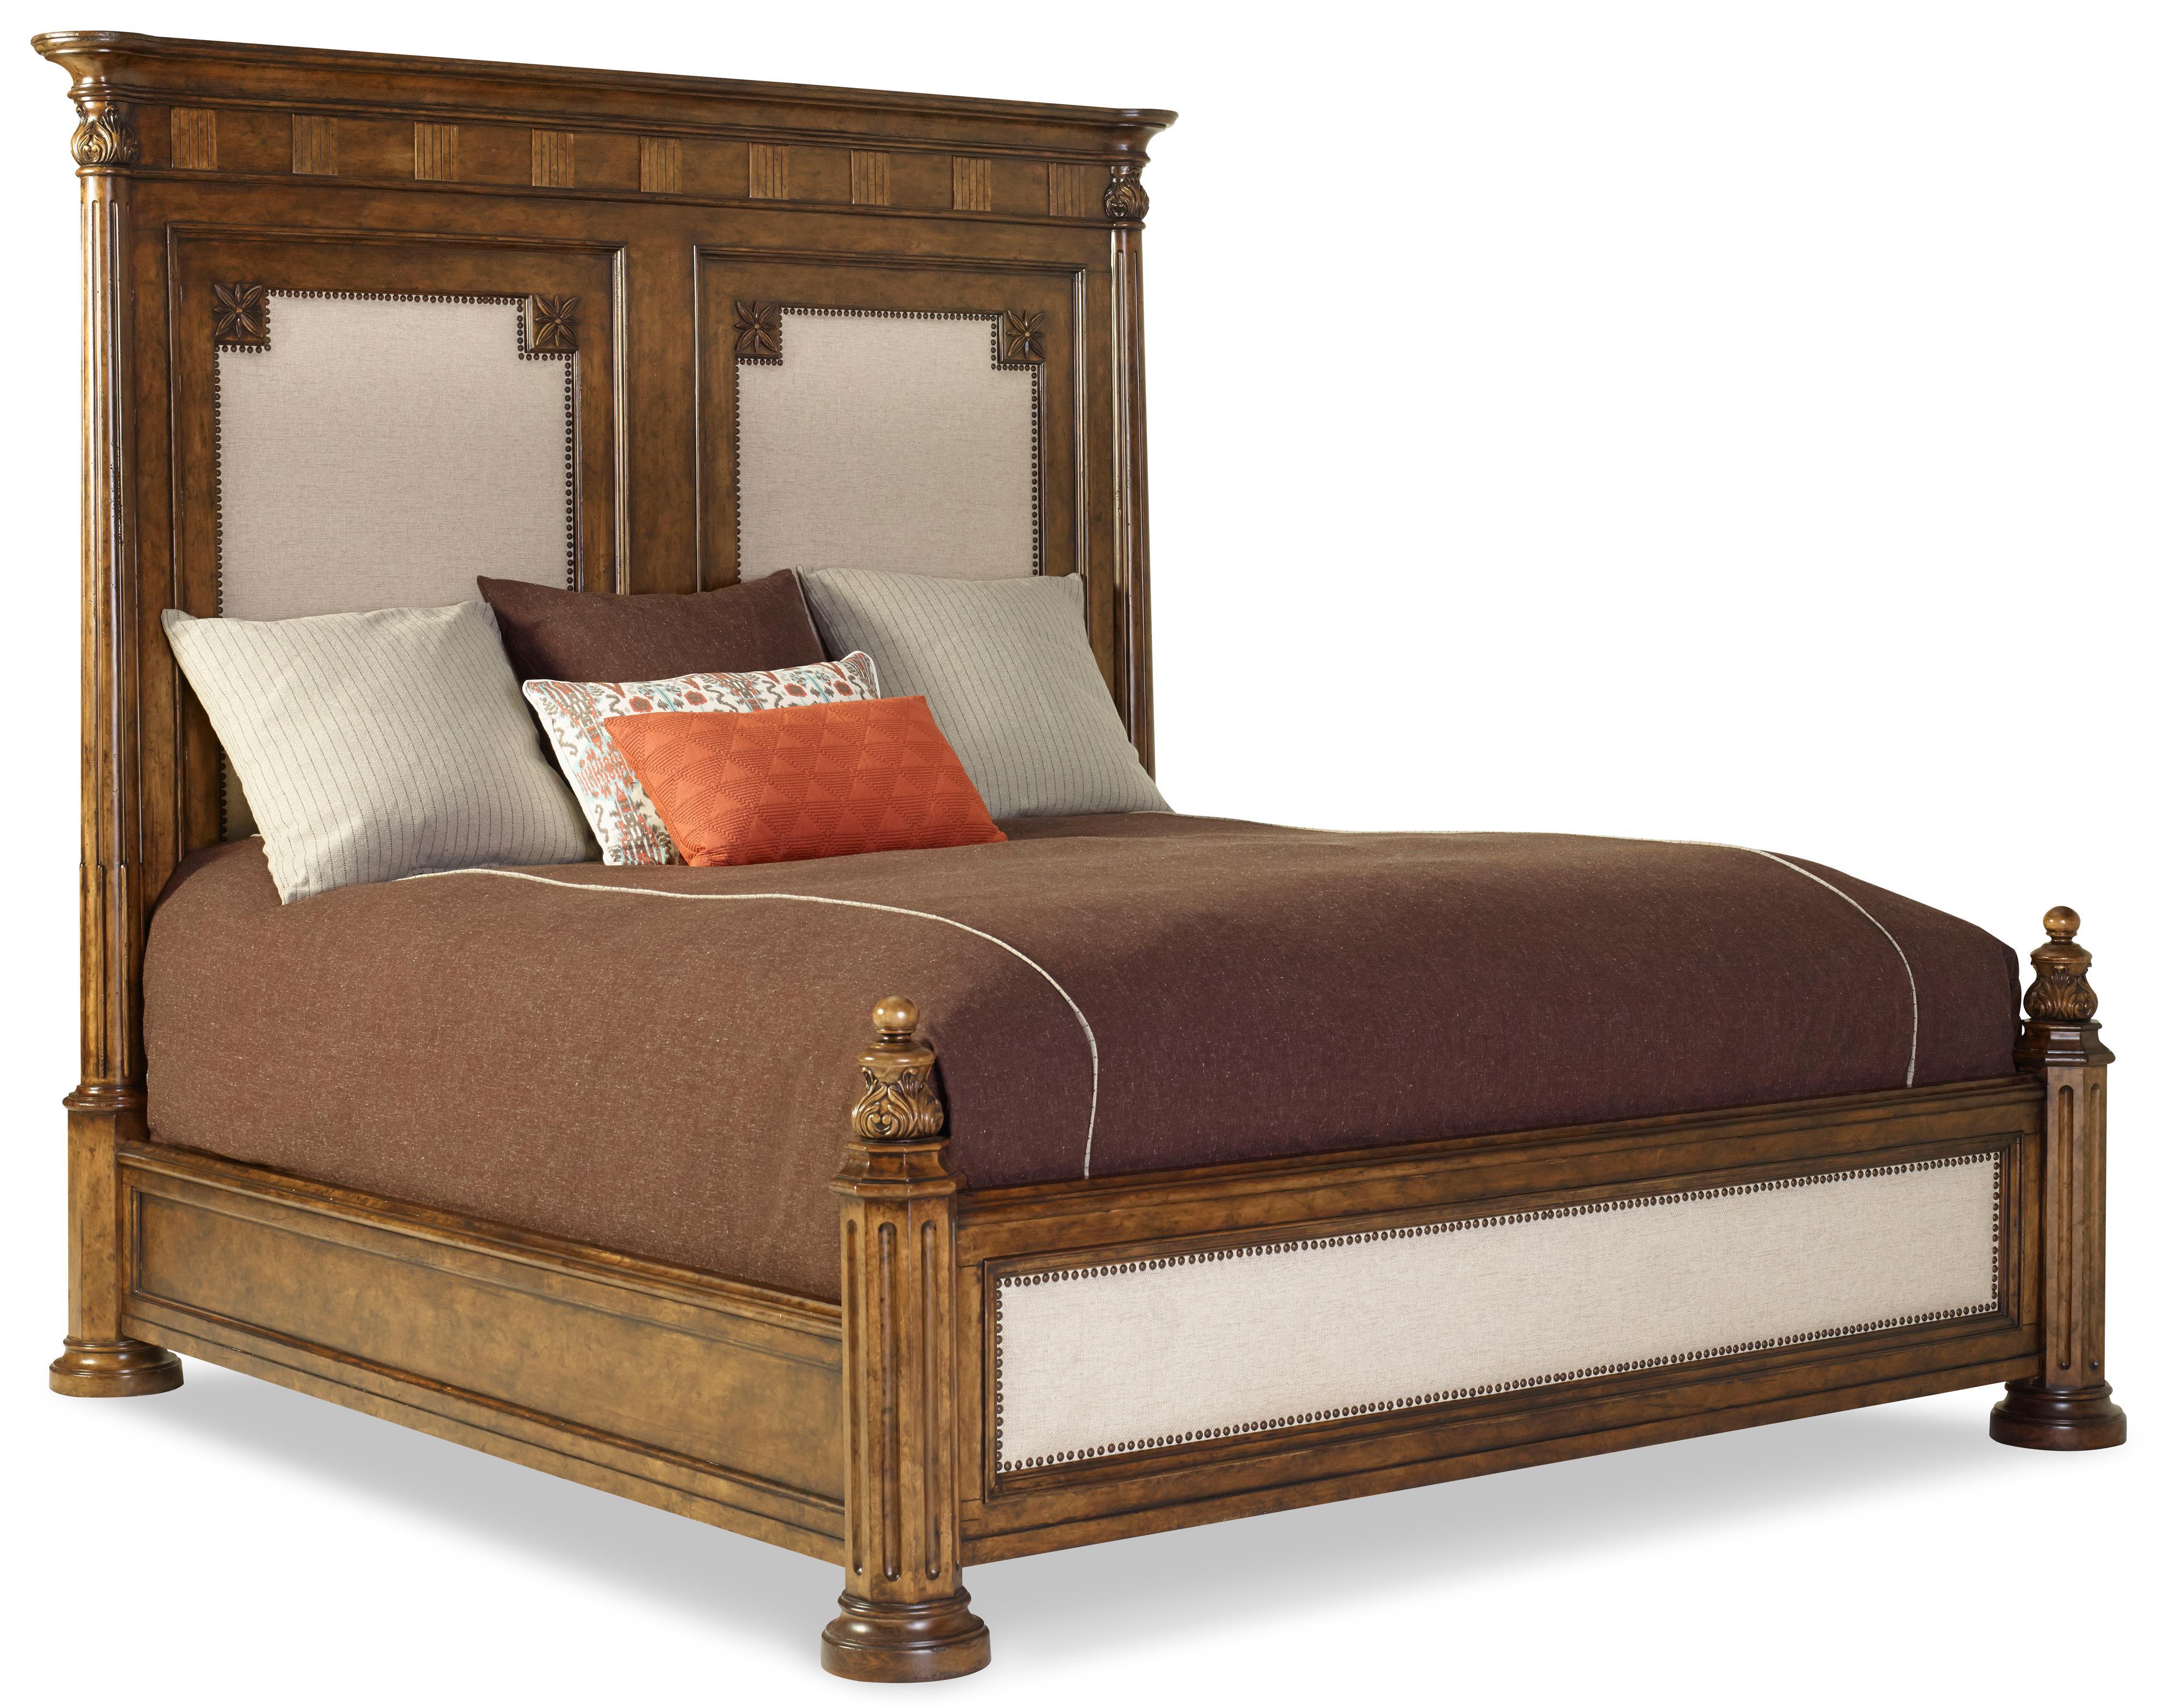 Belfort Signature Belle Haven King Mansion Bed - Item Number: 217156-2610